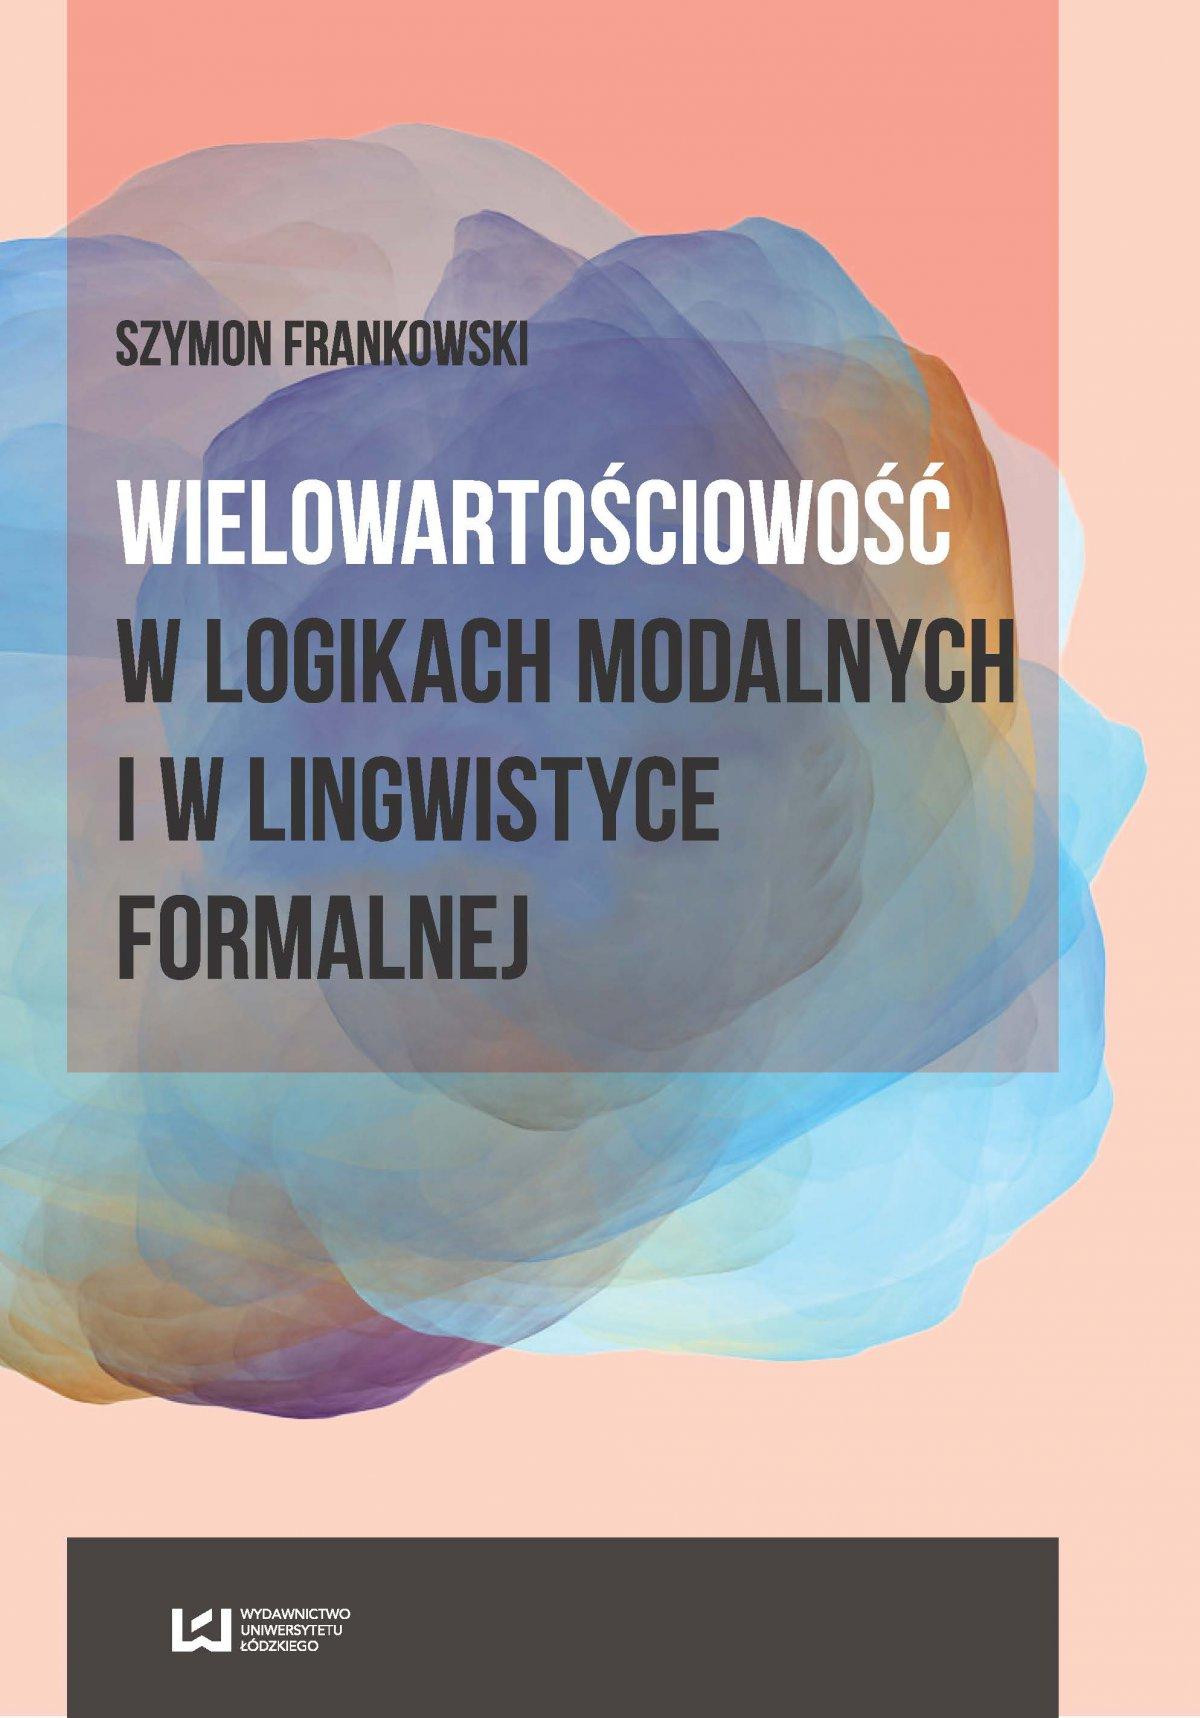 Wielowartościowość w logikach modalnych i w lingwistyce formalnej - Ebook (Książka PDF) do pobrania w formacie PDF